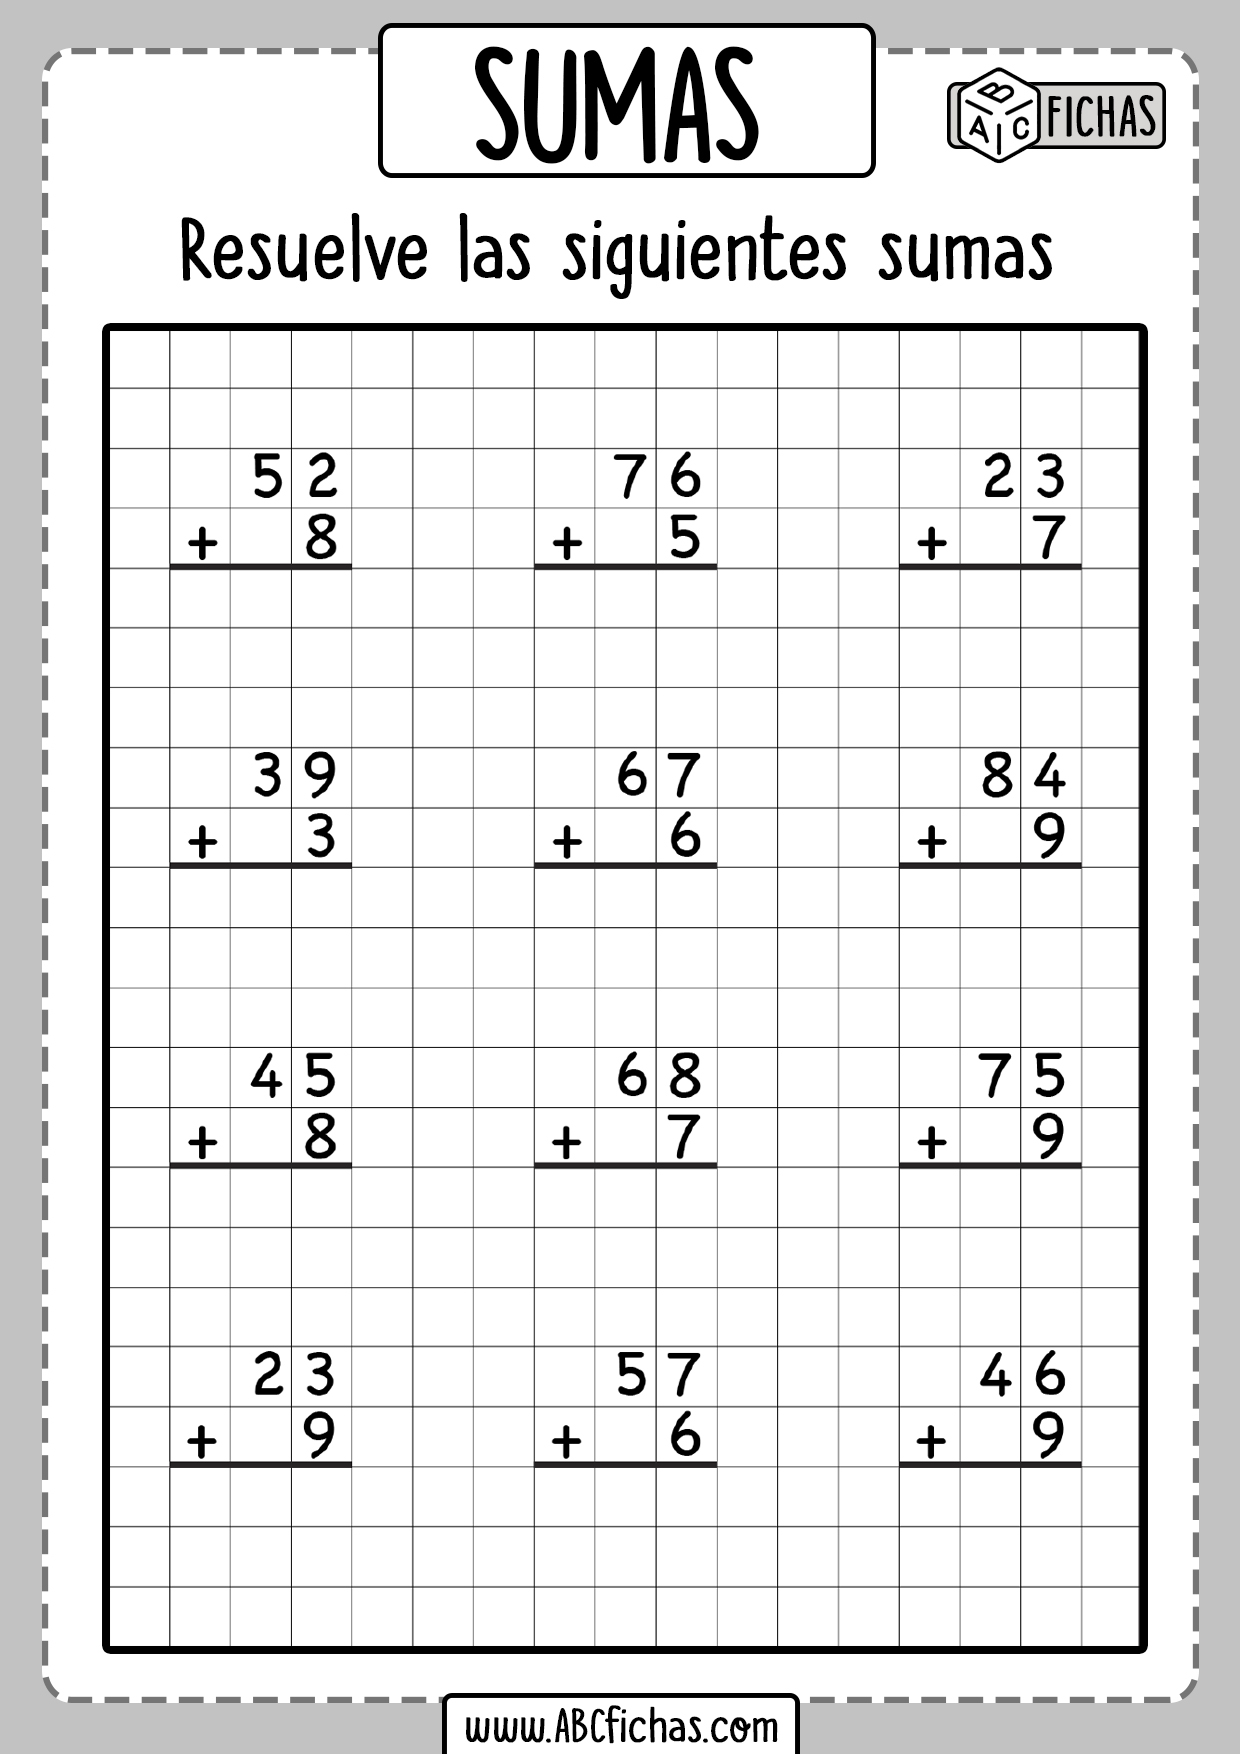 Fichas de sumas de dos sumandos para primaria